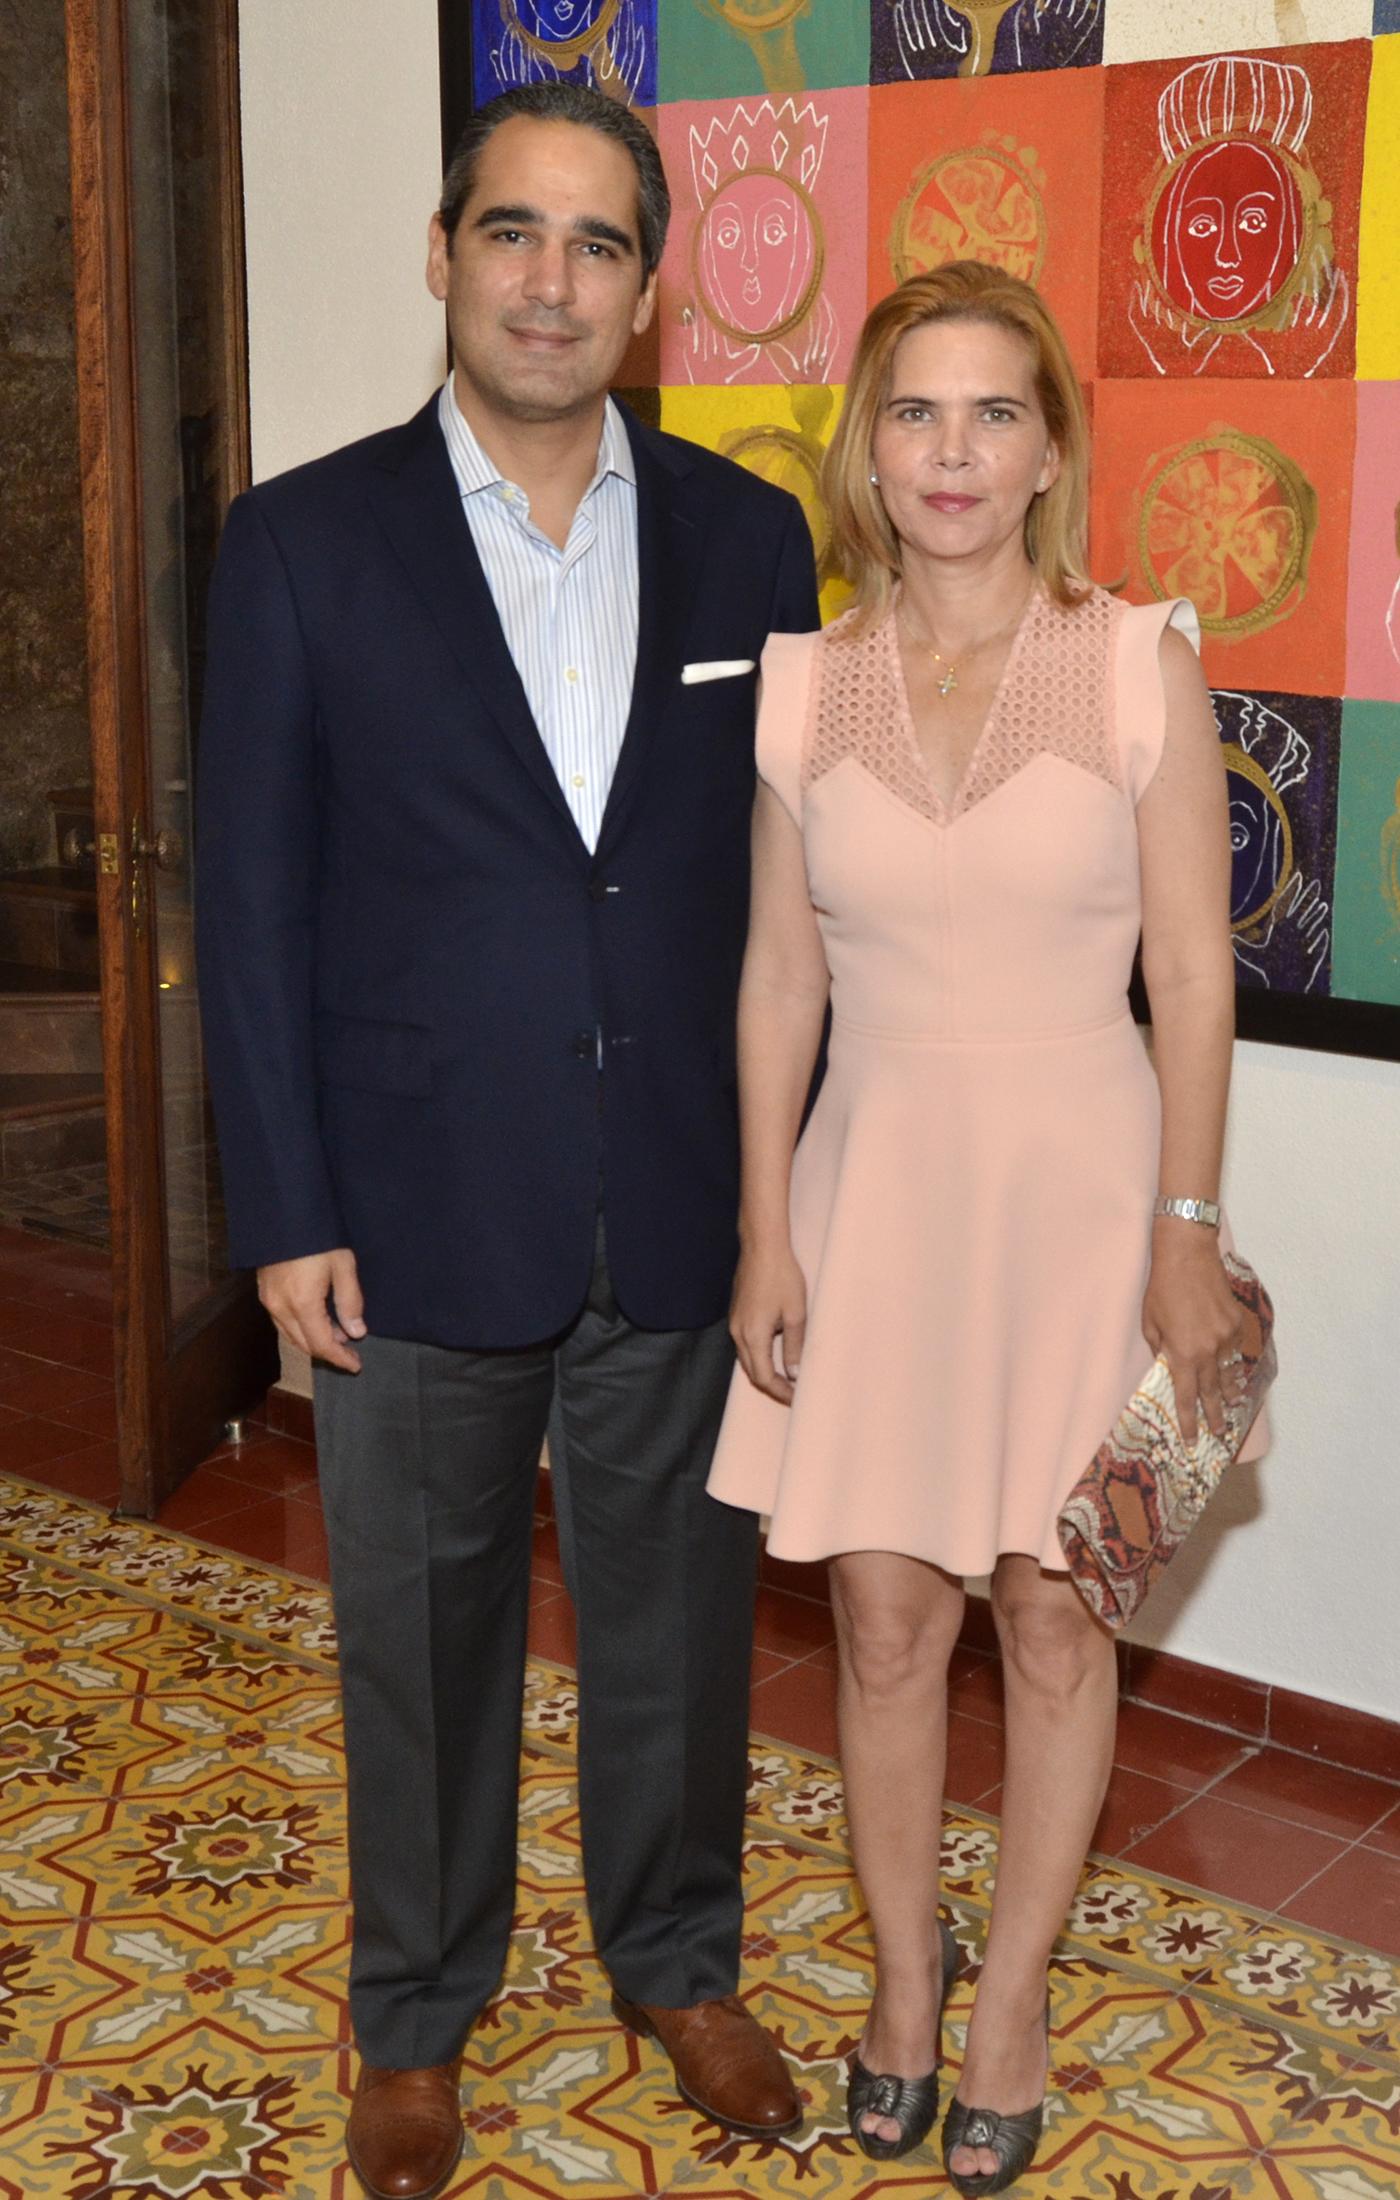 Foto 14 Juan Mayol y María Laura Hazoury de Mayol.JPG